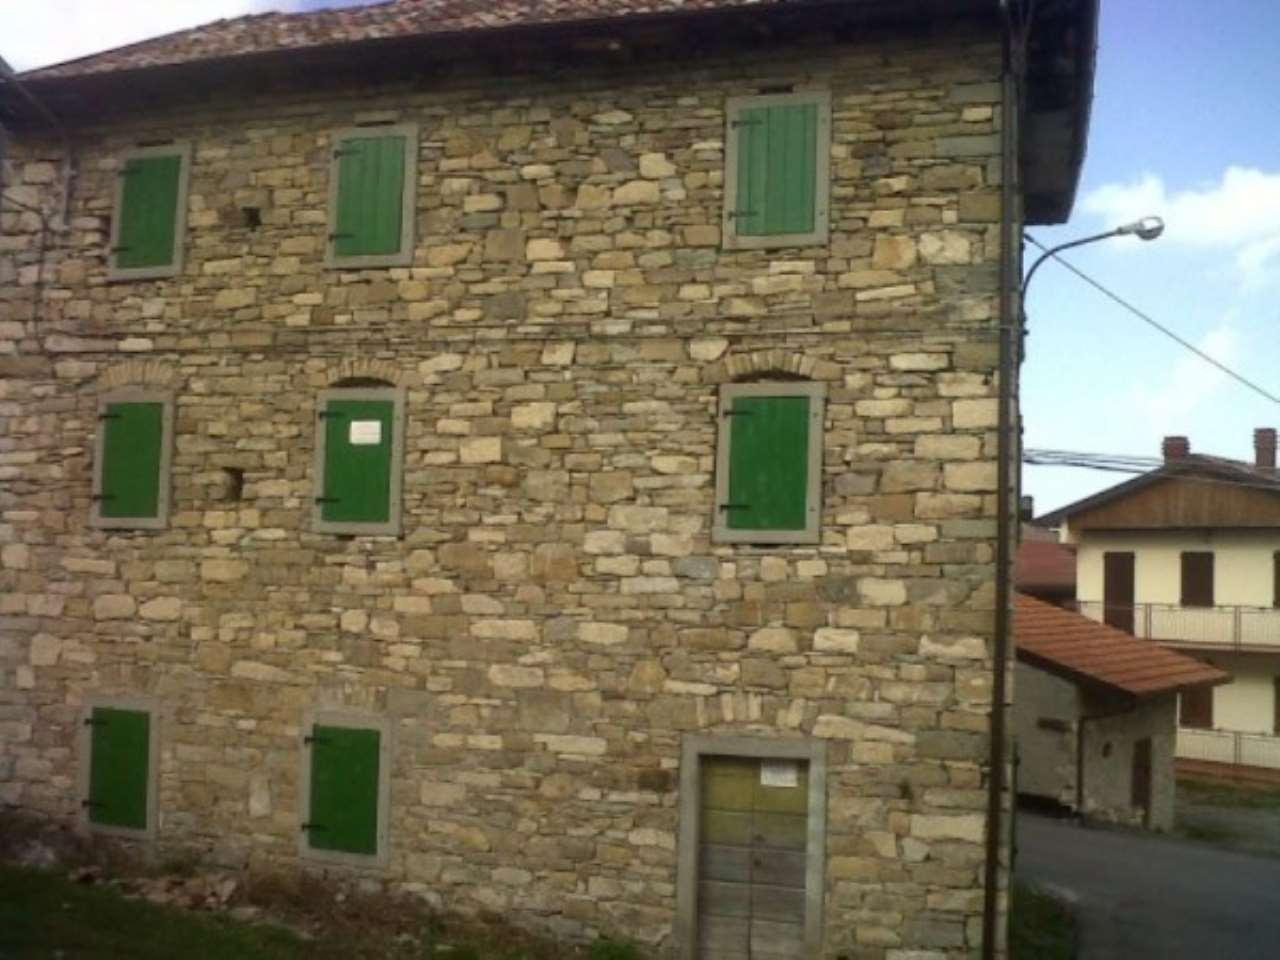 Rustico / Casale in vendita a Villa Minozzo, 6 locali, prezzo € 65.000 | Cambio Casa.it